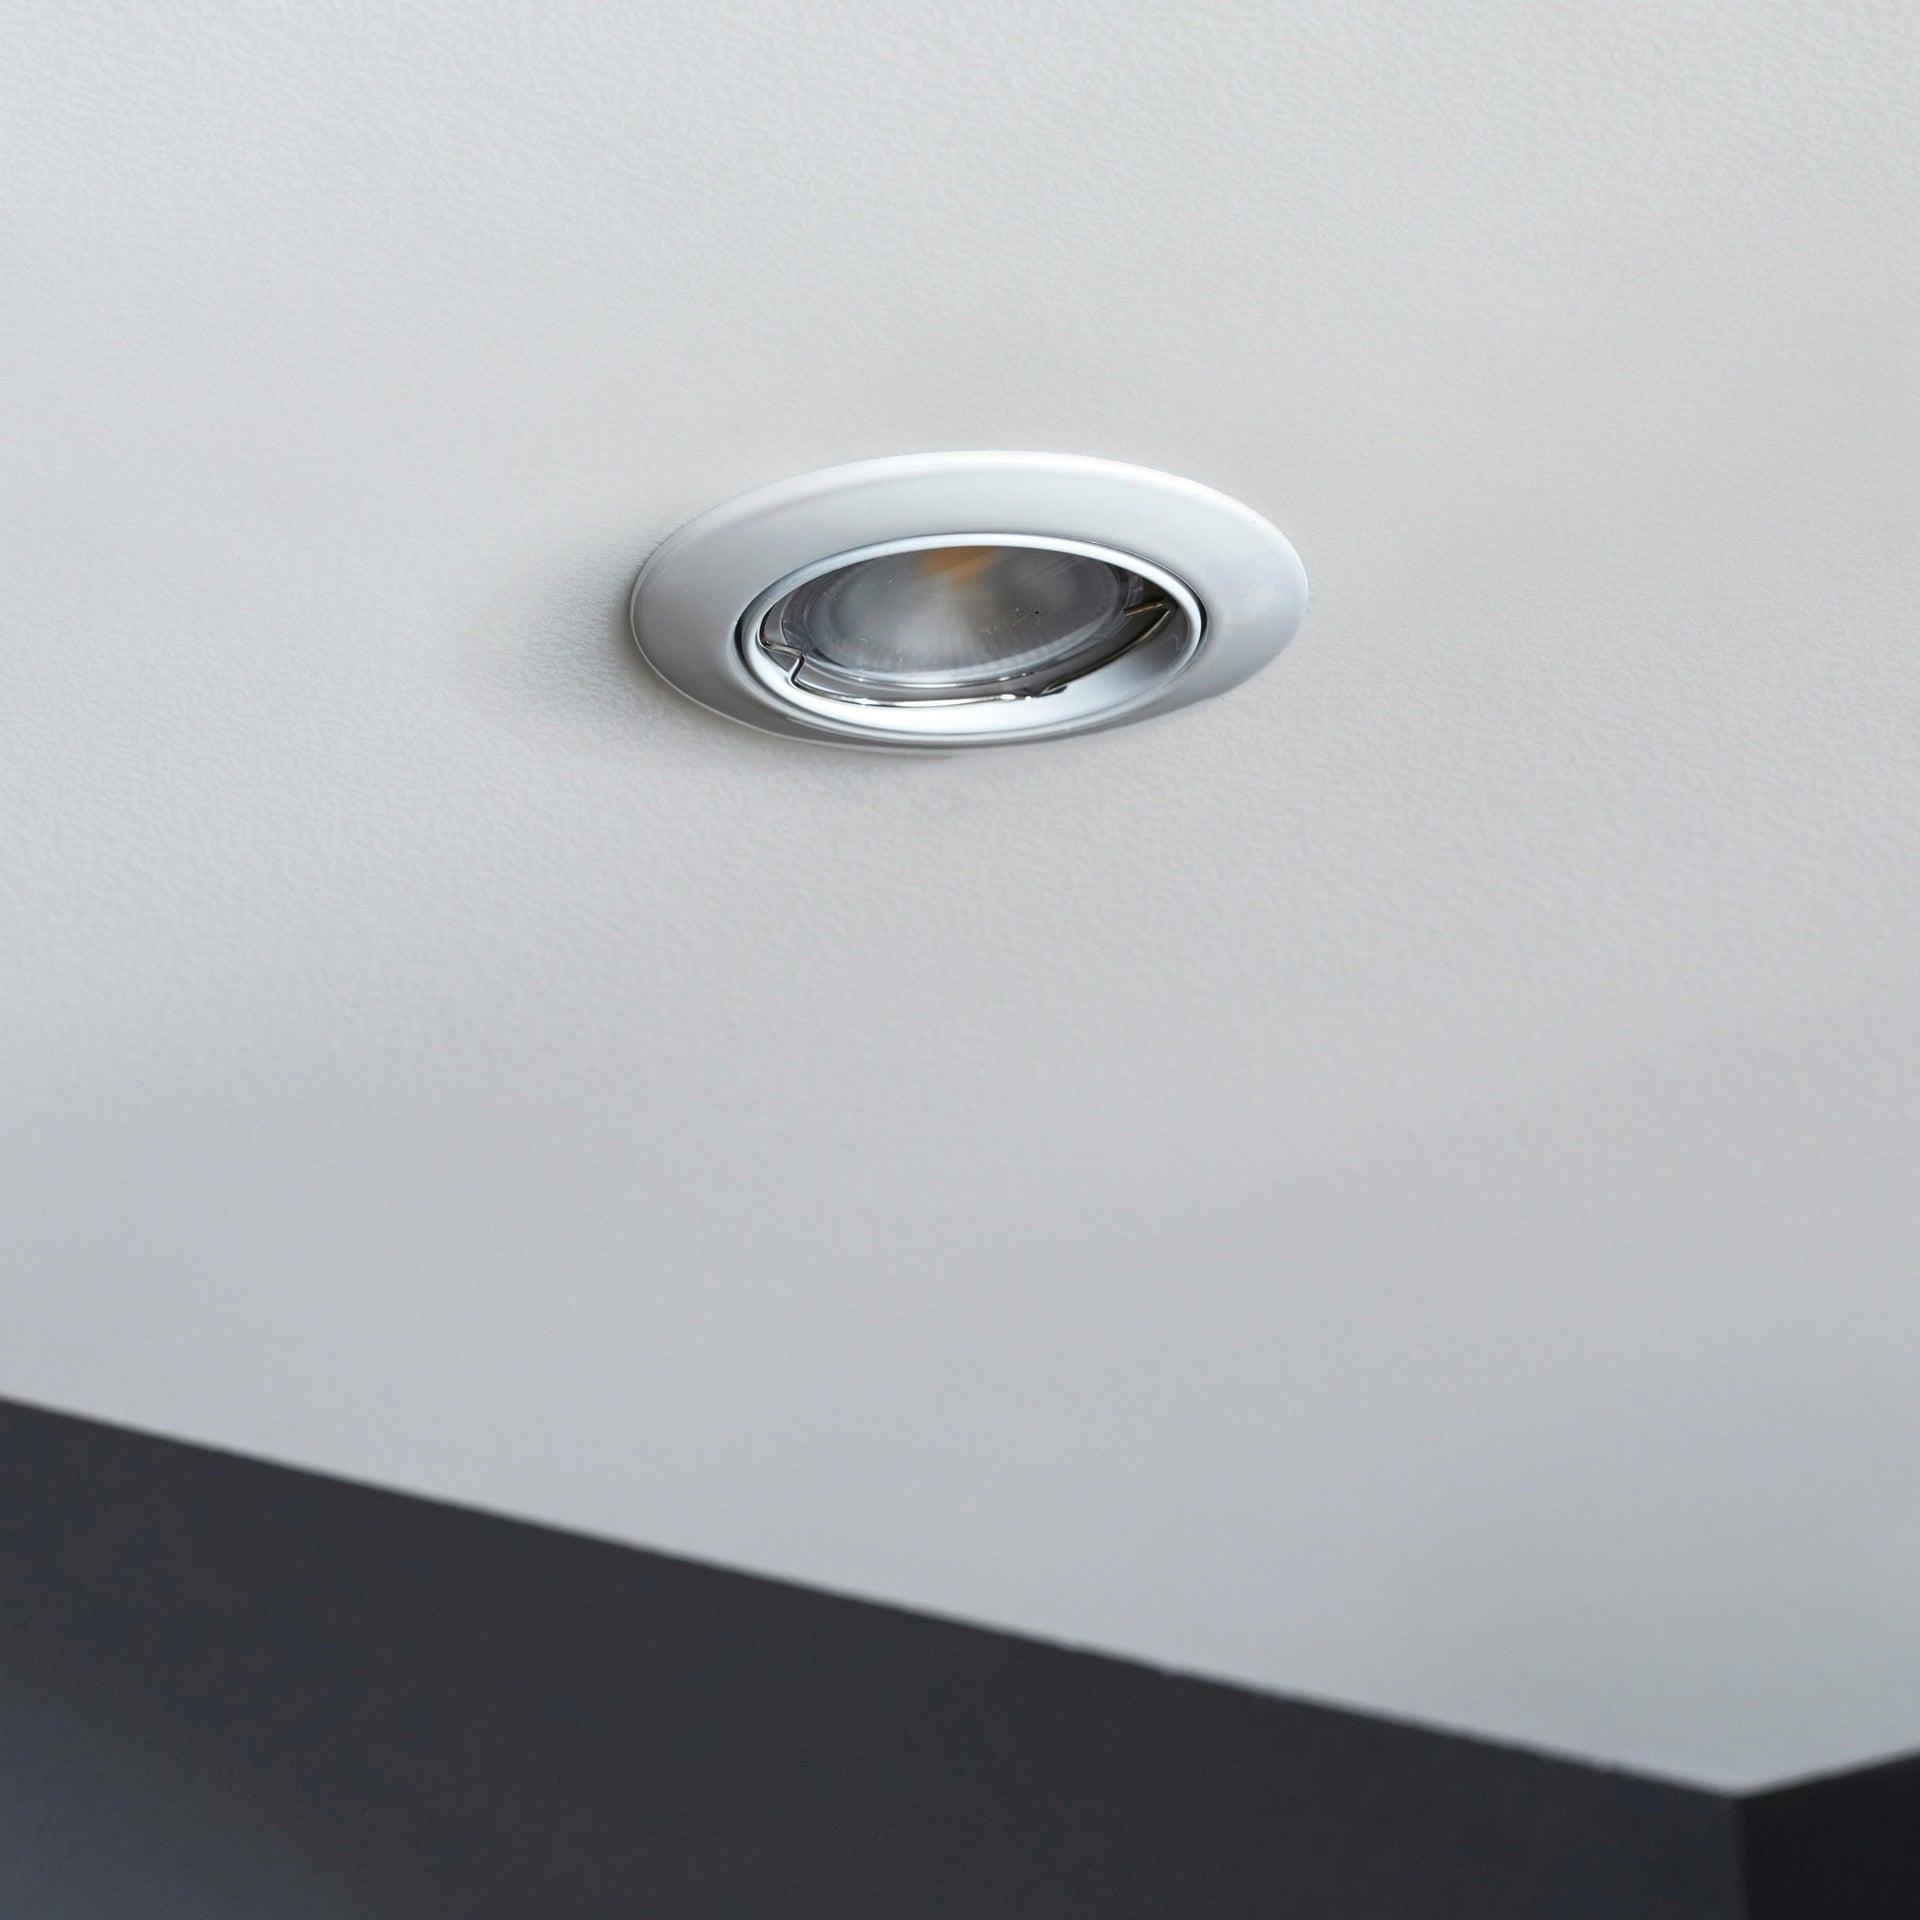 Set da 3 pezzi Faretto orientabile da incasso tondo Clane in Alluminio bianco, diam. 8.2 cm GU10 6W IP23 INSPIRE - 1